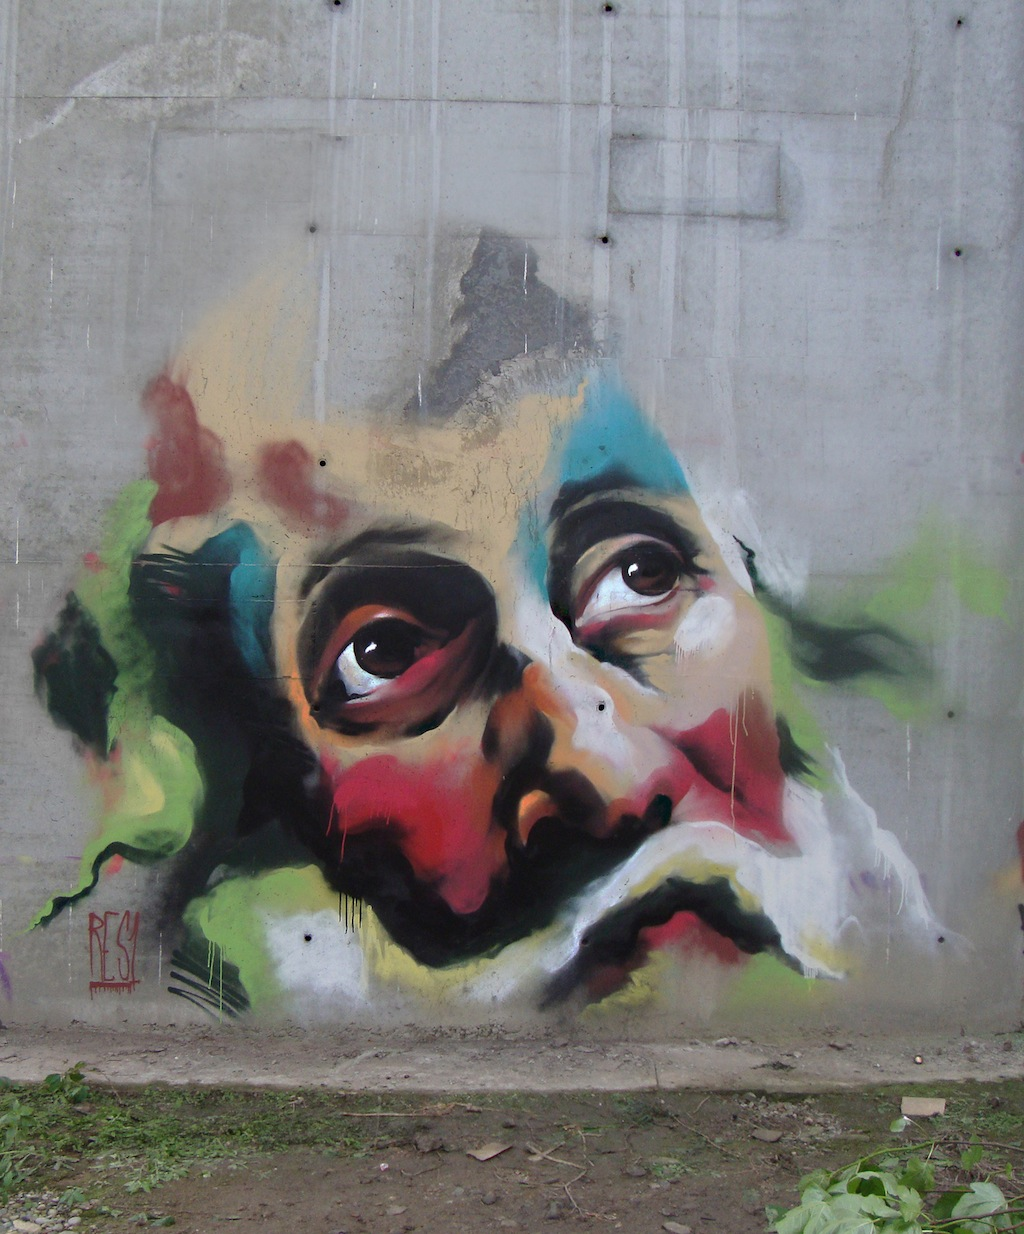 Street Art by R3Suno 2